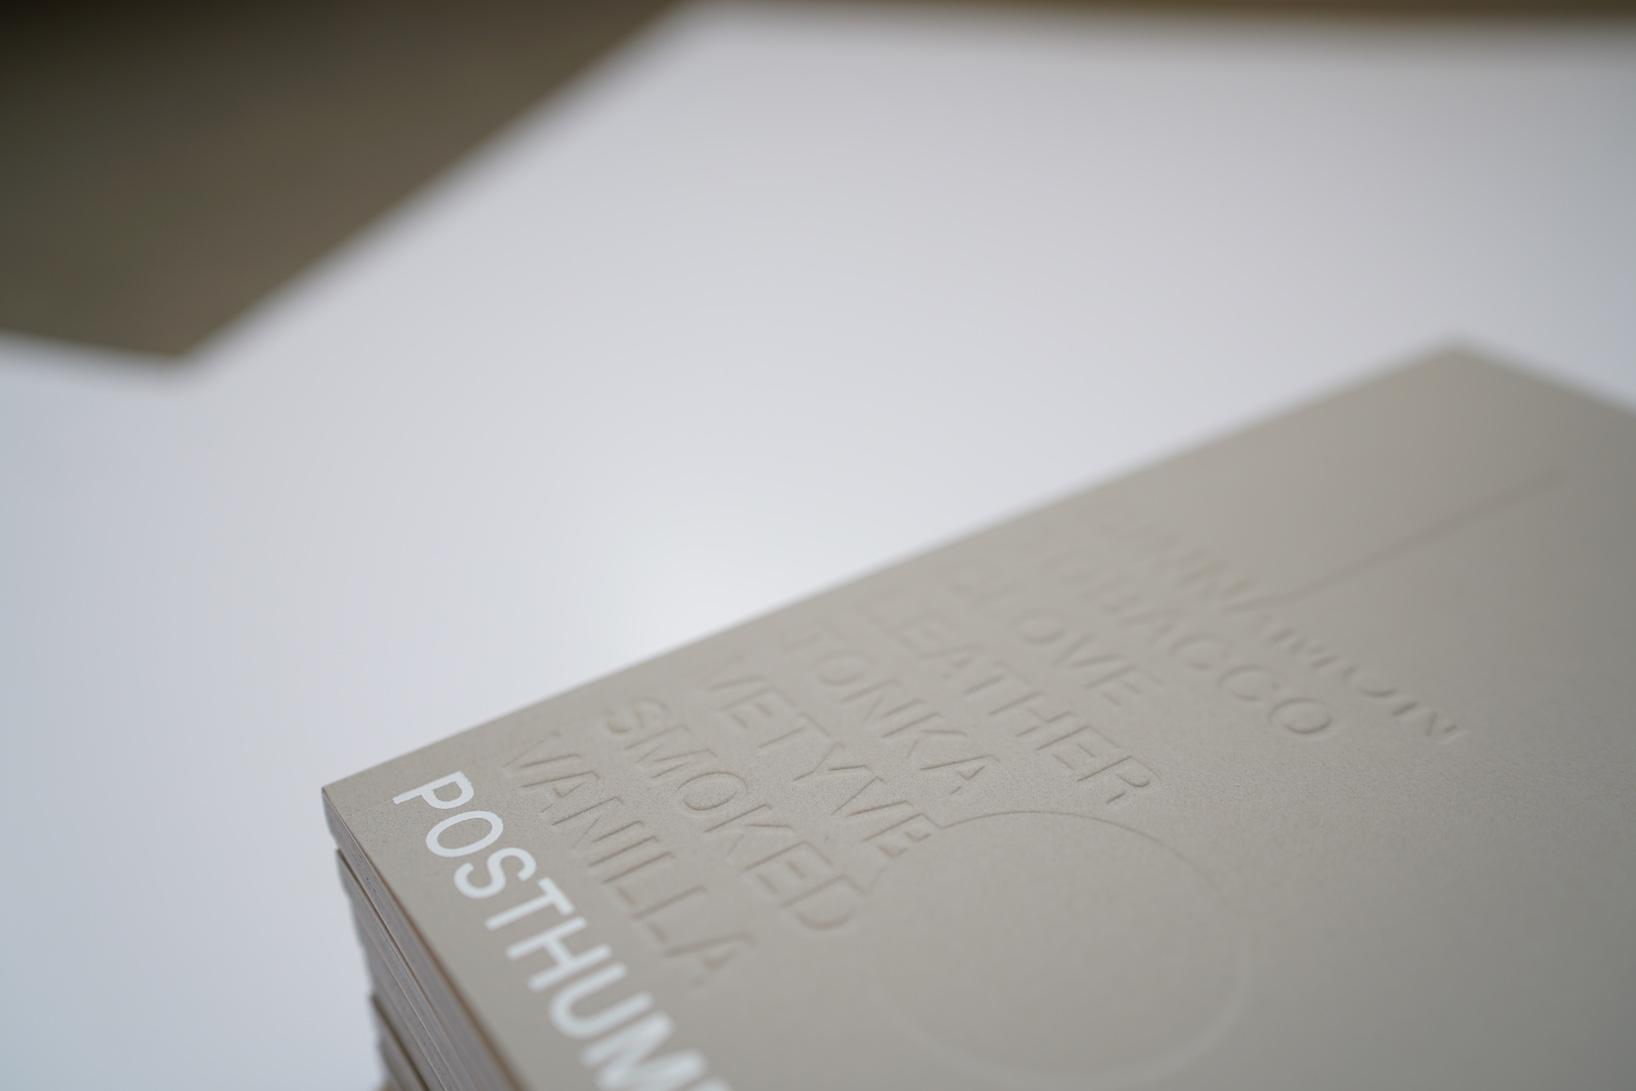 Son_Venin_Post_Hume_book_cover_Close.JPG